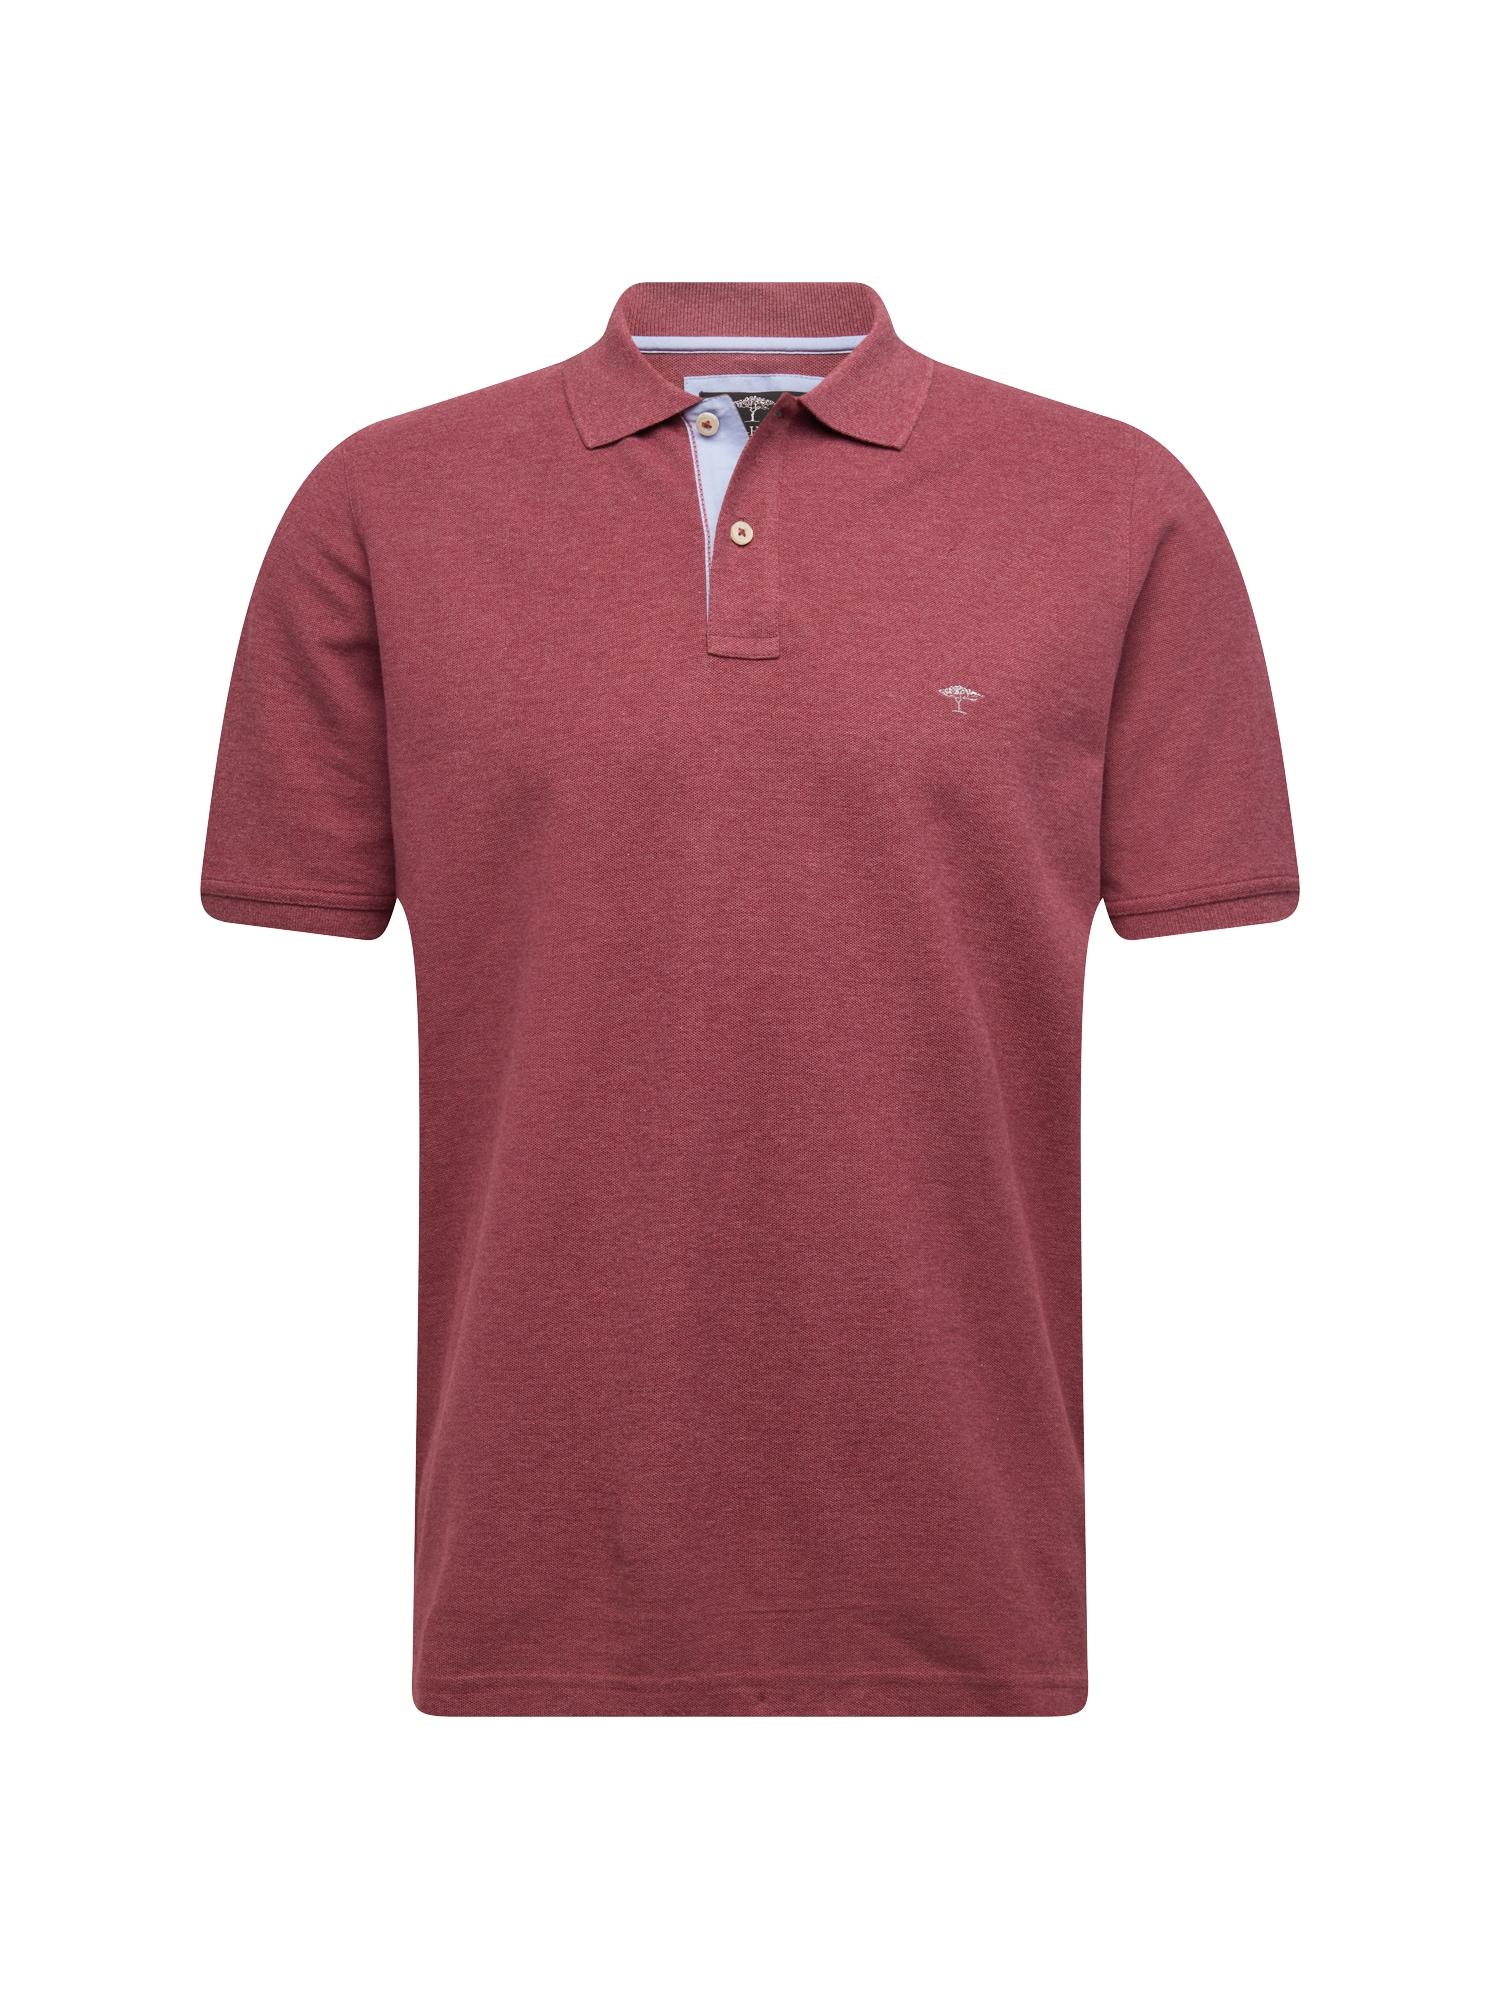 Tričko Polo Melange vínově červená FYNCH-HATTON